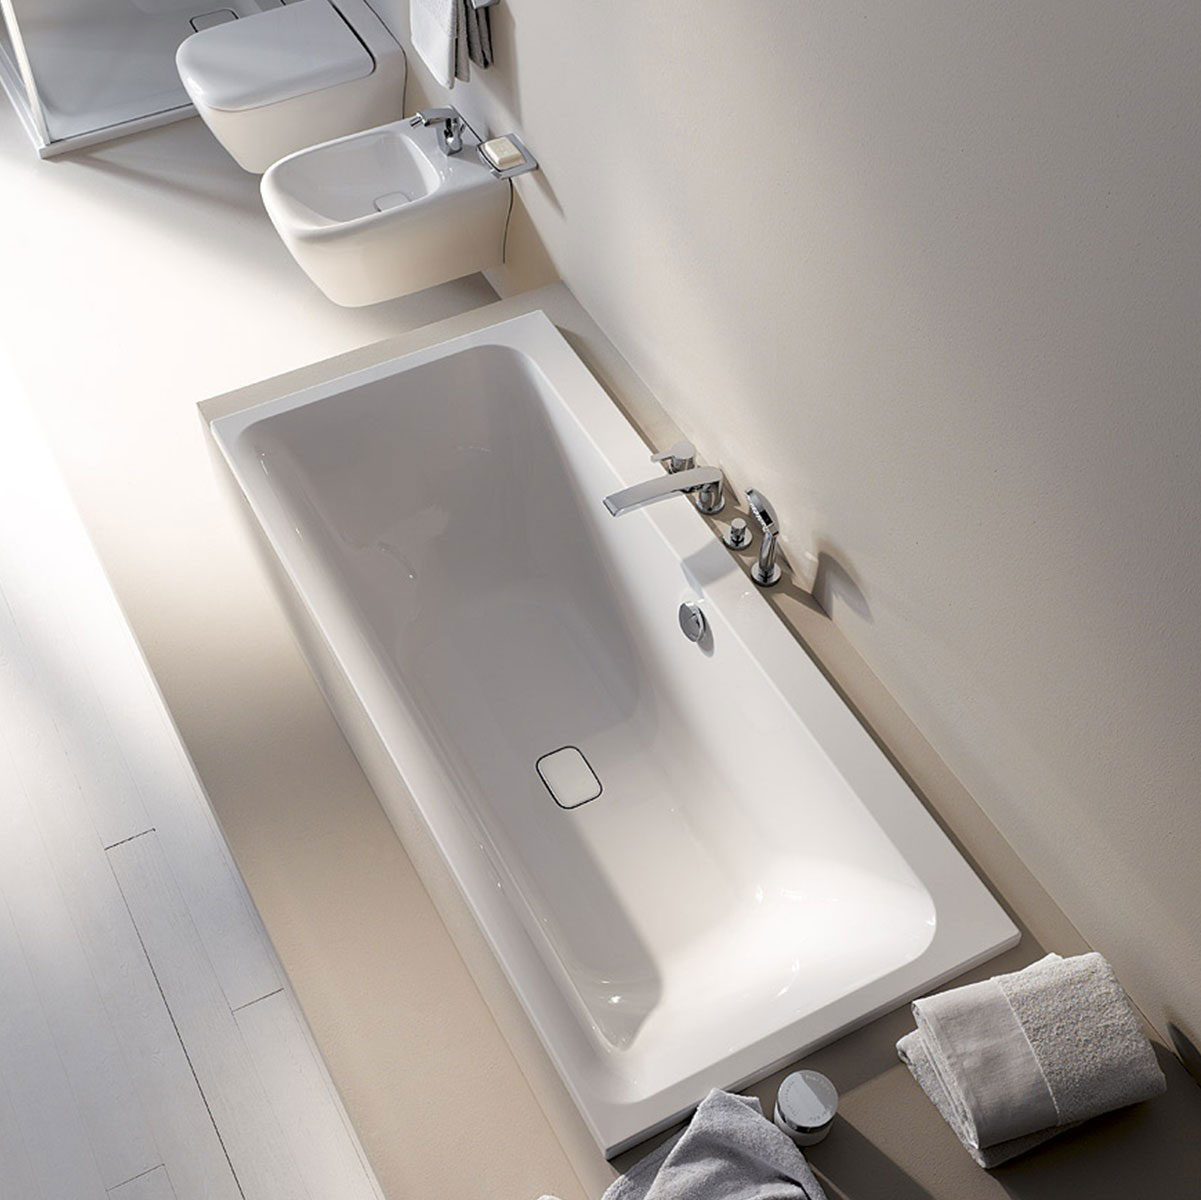 vasque blanche sanitaire bain Allia Kei stone aix en provence provence alpes cote d'azur nice marseille toulon digne nîmes arles montpellier